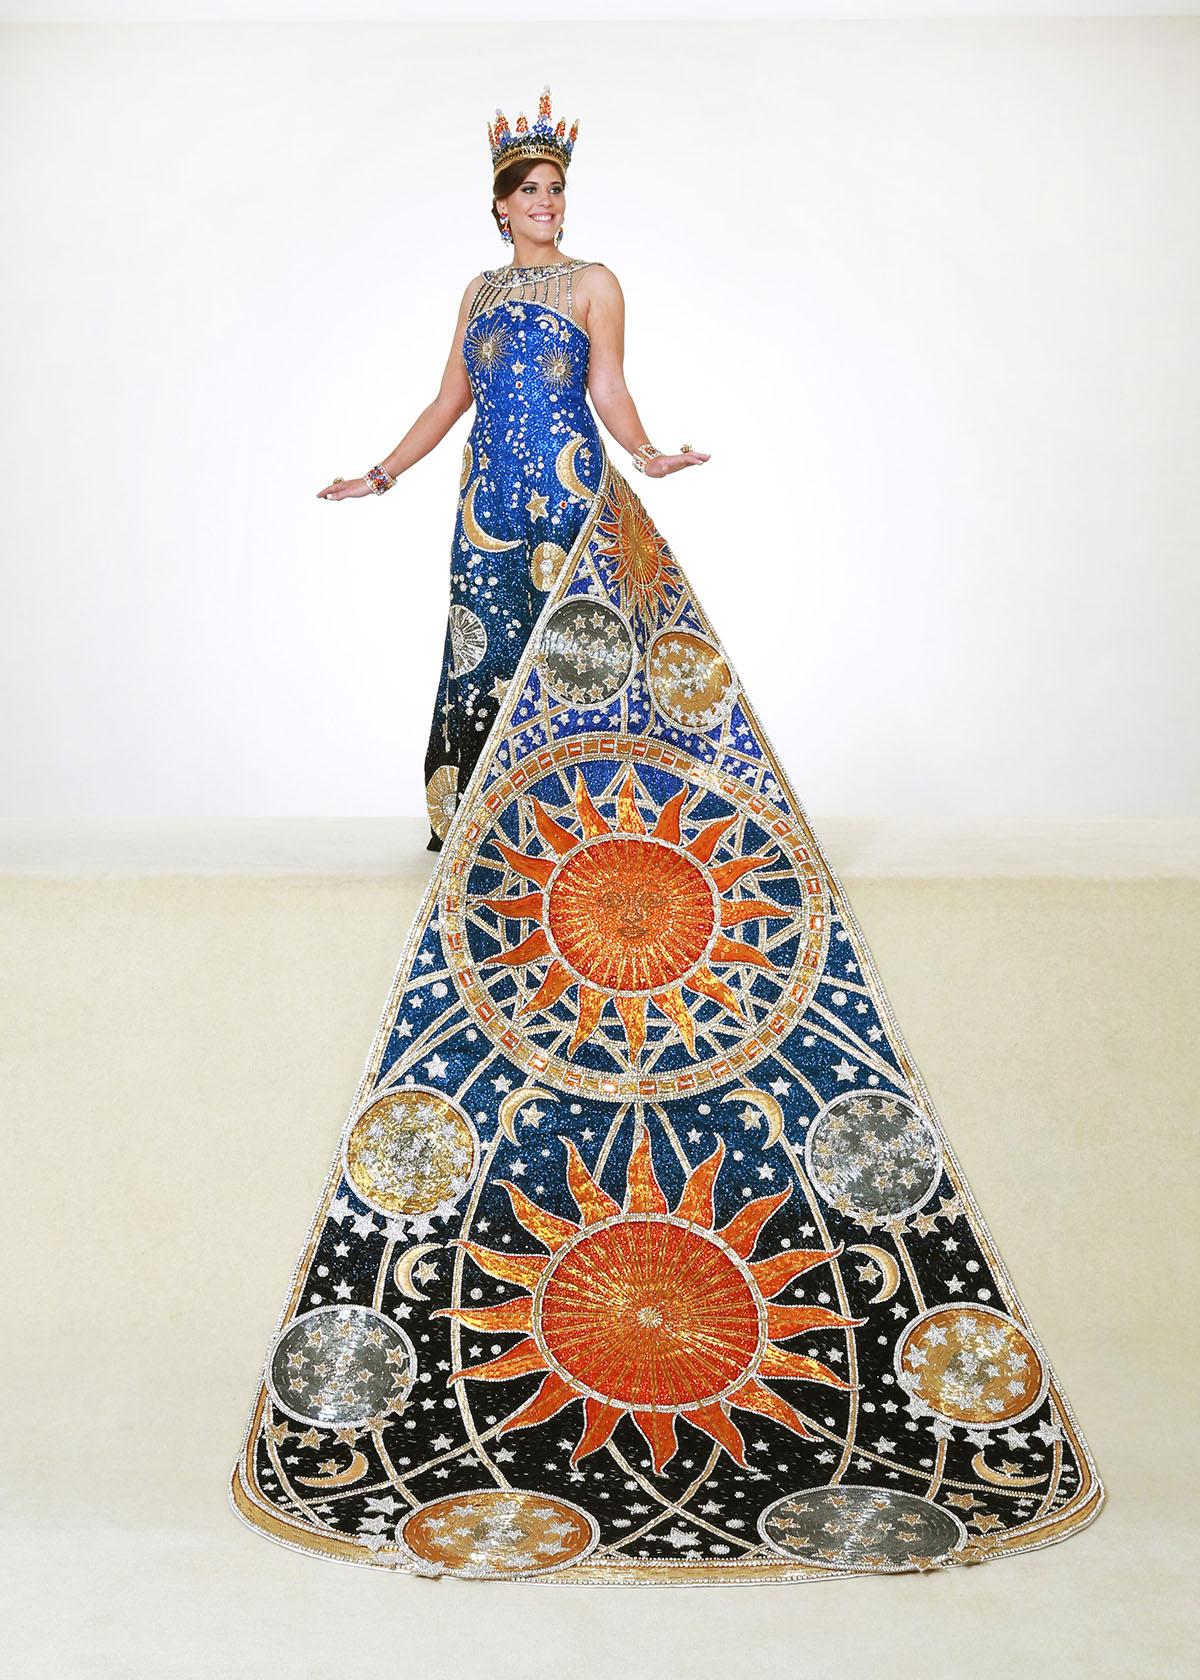 Arlin Dawson, Duchess Of Celestial Wonders